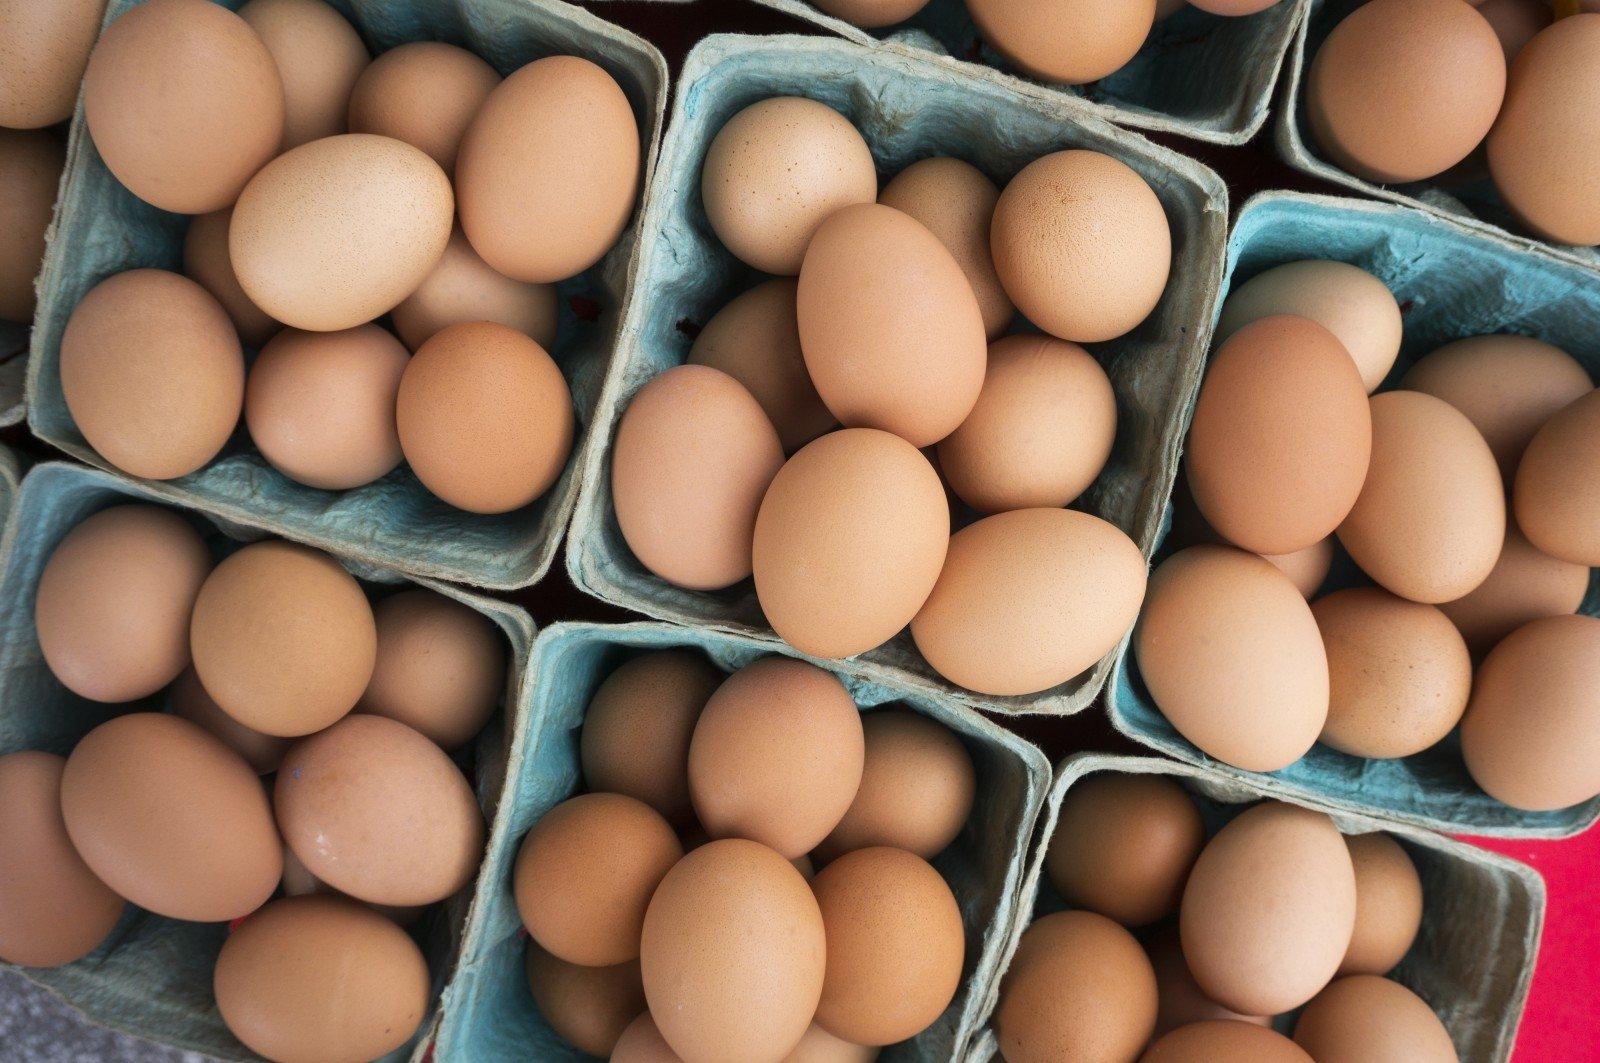 kiaušiniai kabo kai stačiai